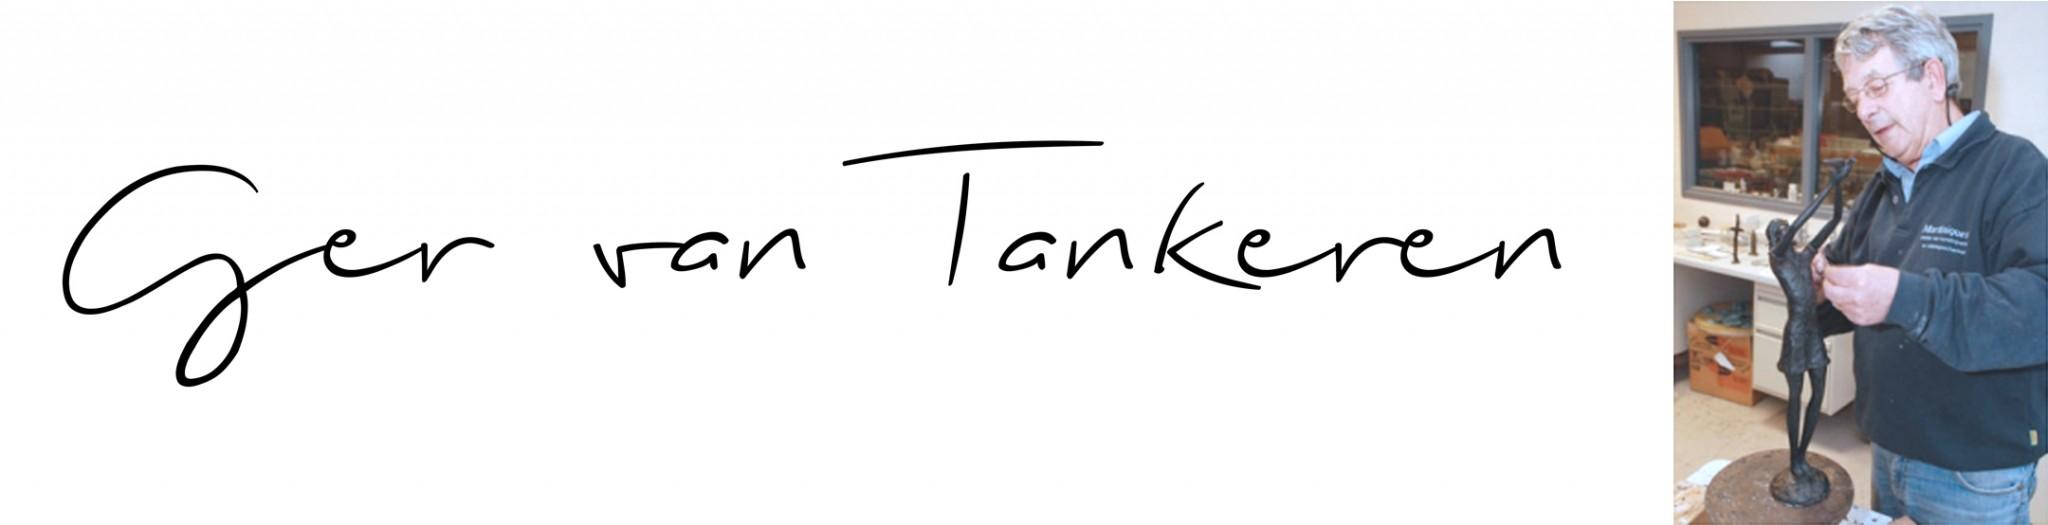 beelden ger van tankeren